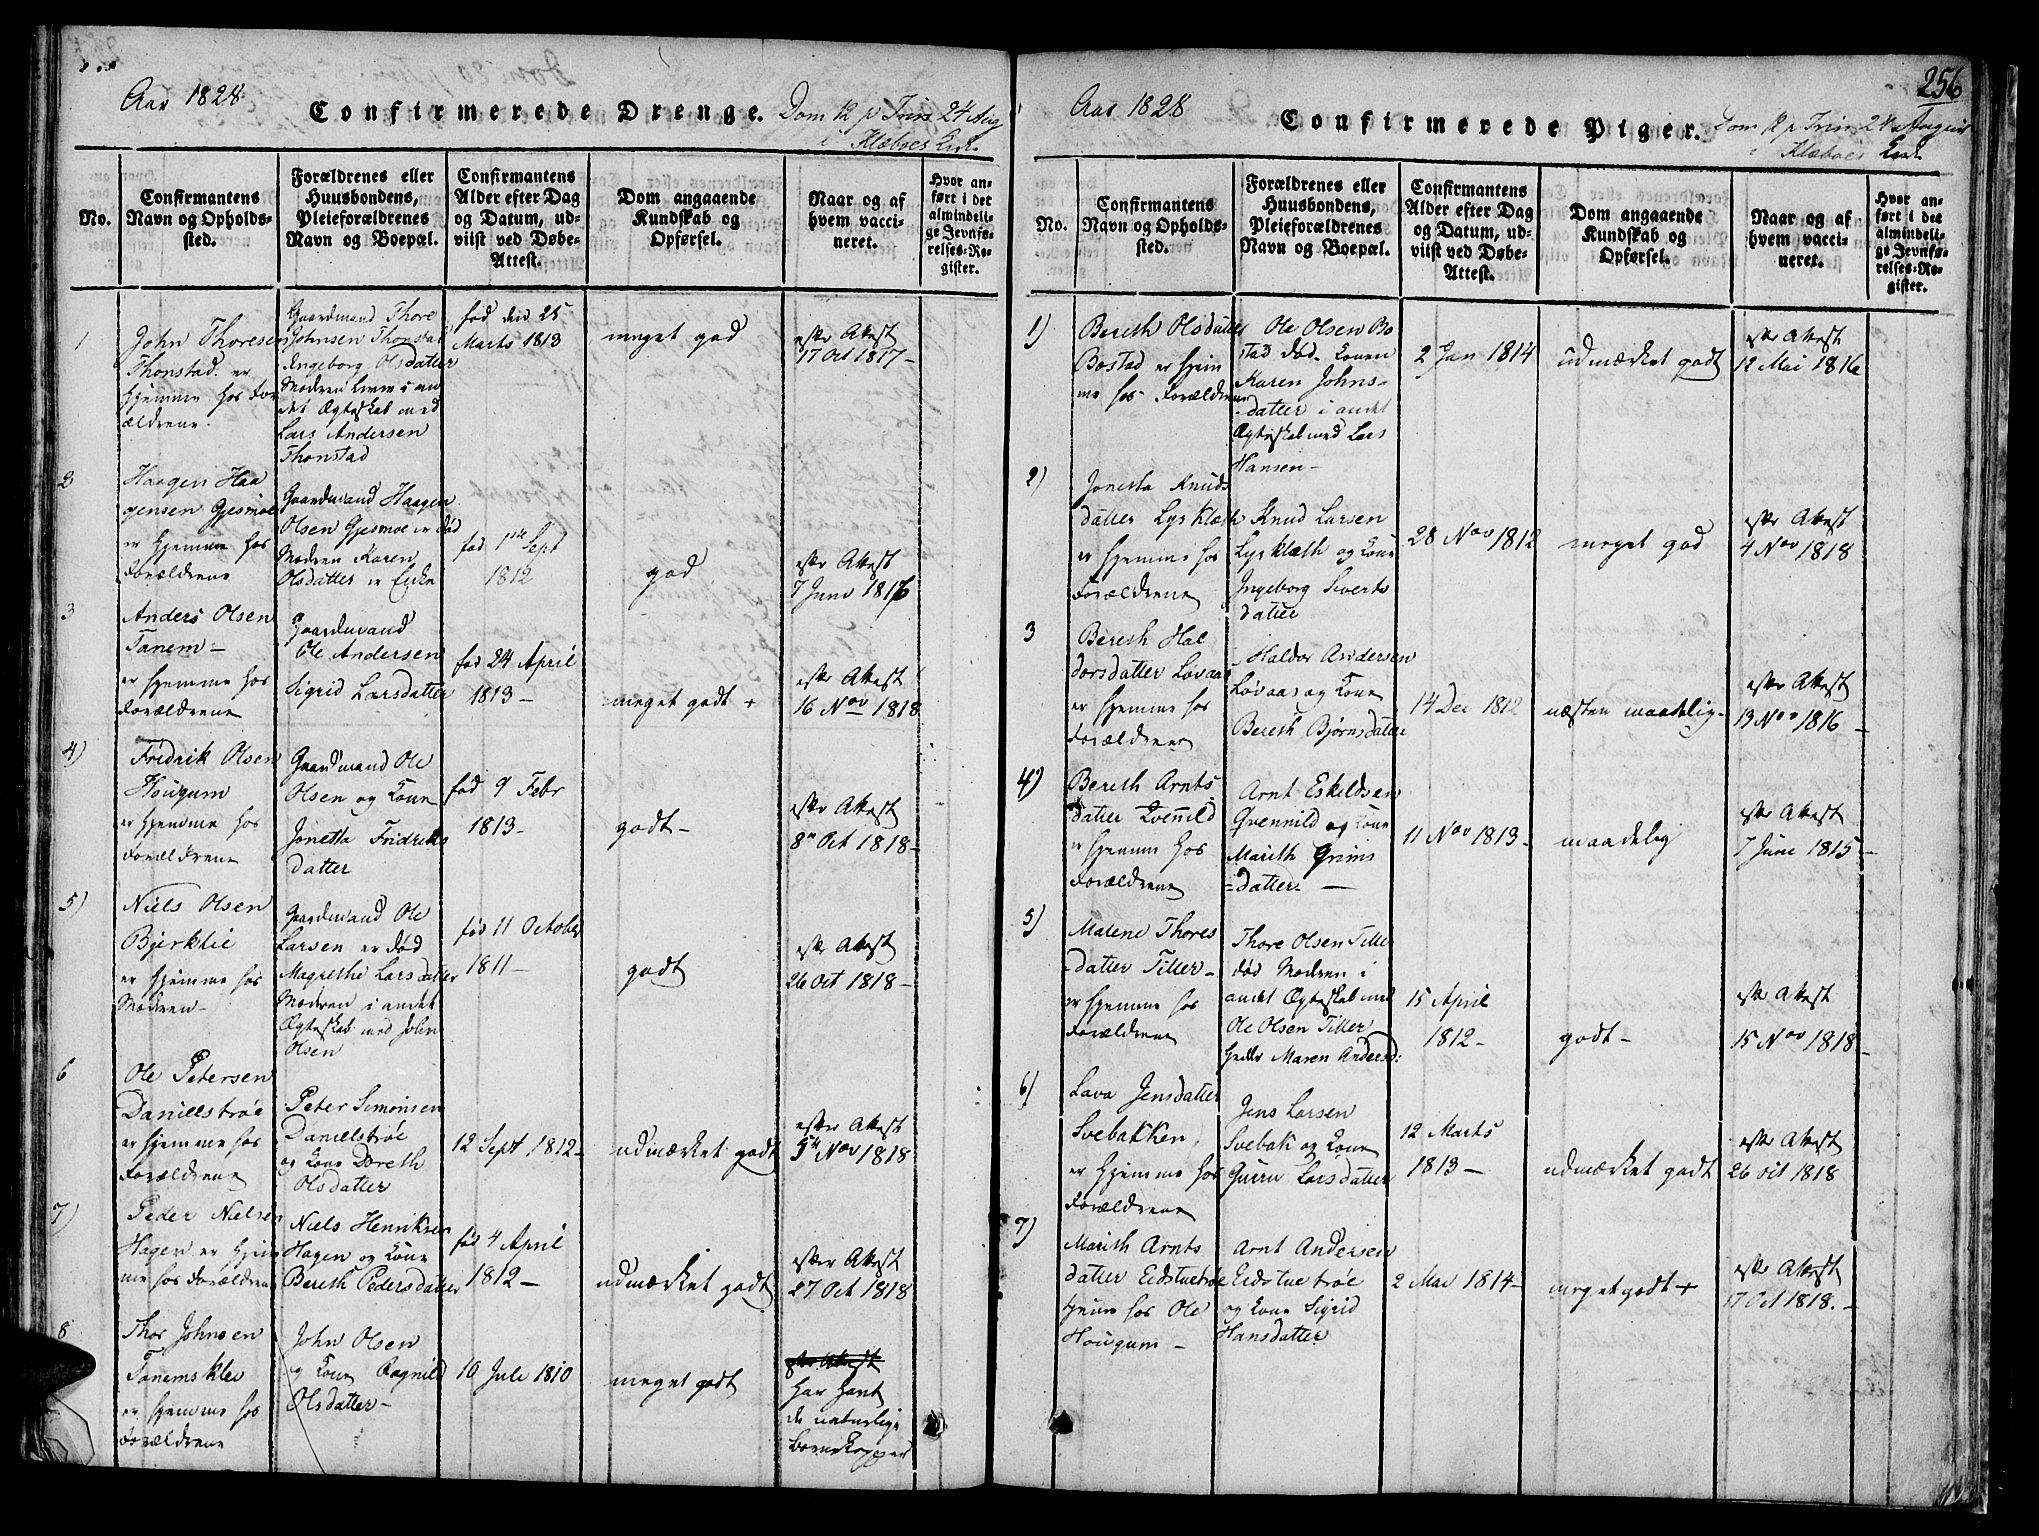 SAT, Ministerialprotokoller, klokkerbøker og fødselsregistre - Sør-Trøndelag, 618/L0439: Ministerialbok nr. 618A04 /1, 1816-1843, s. 256